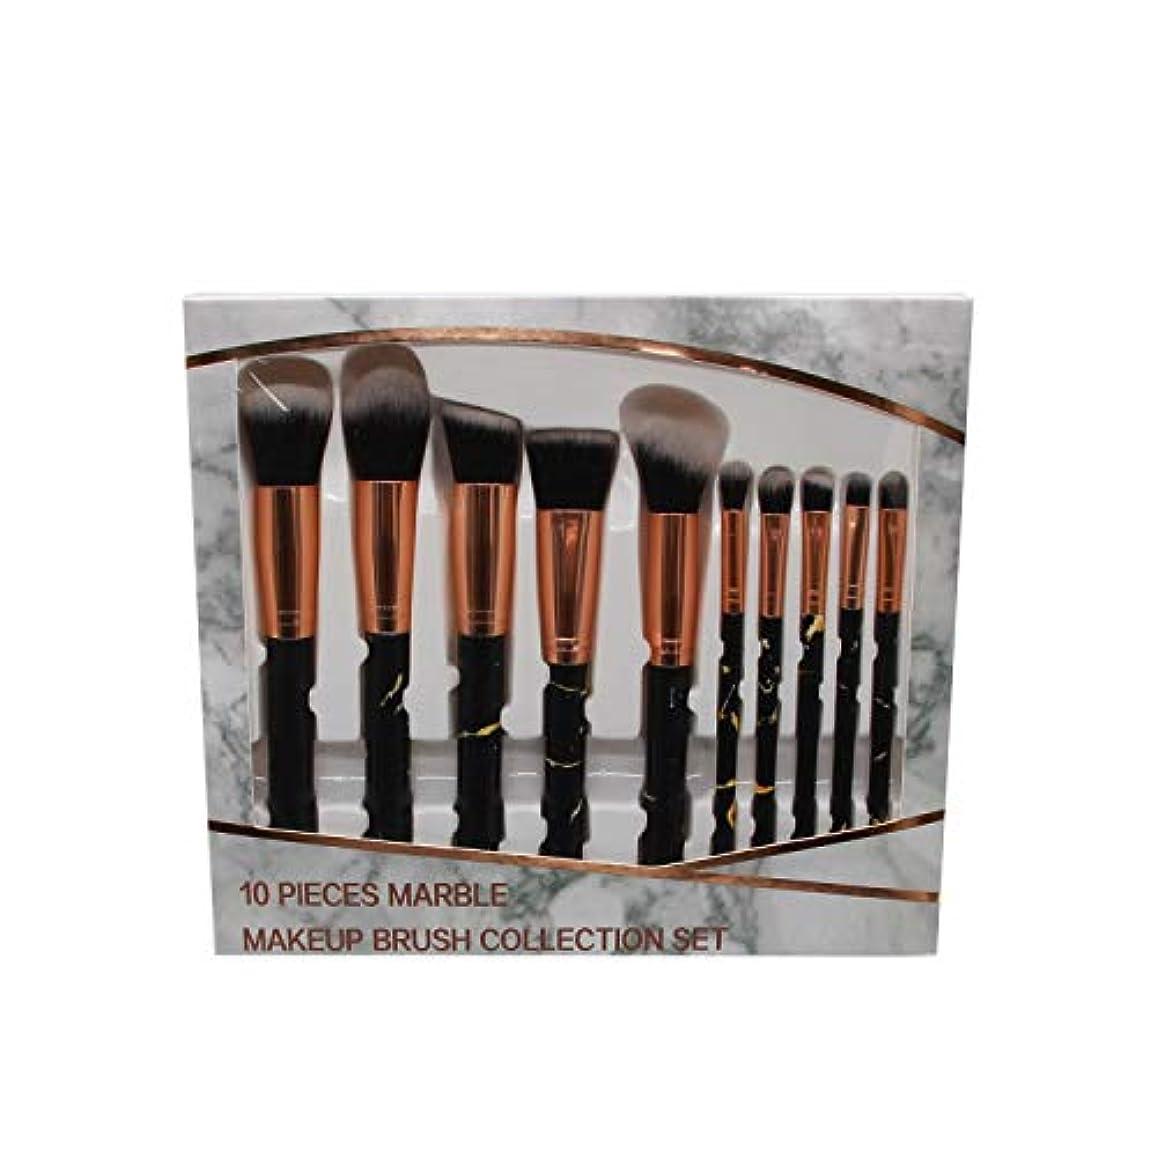 羽永遠に虚偽Makeup brushes 洗練された合成ファンデーションコンシーラーアイシャドウフェイシャルメイクアップブラシセット(10個)、マーブルメイクアップブラシセット suits (Color : Pink)